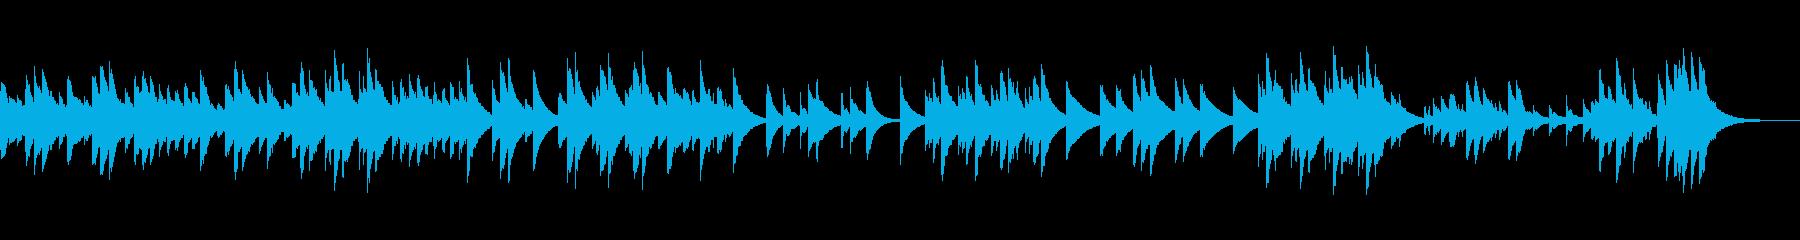 ハレルヤ オルゴールの再生済みの波形